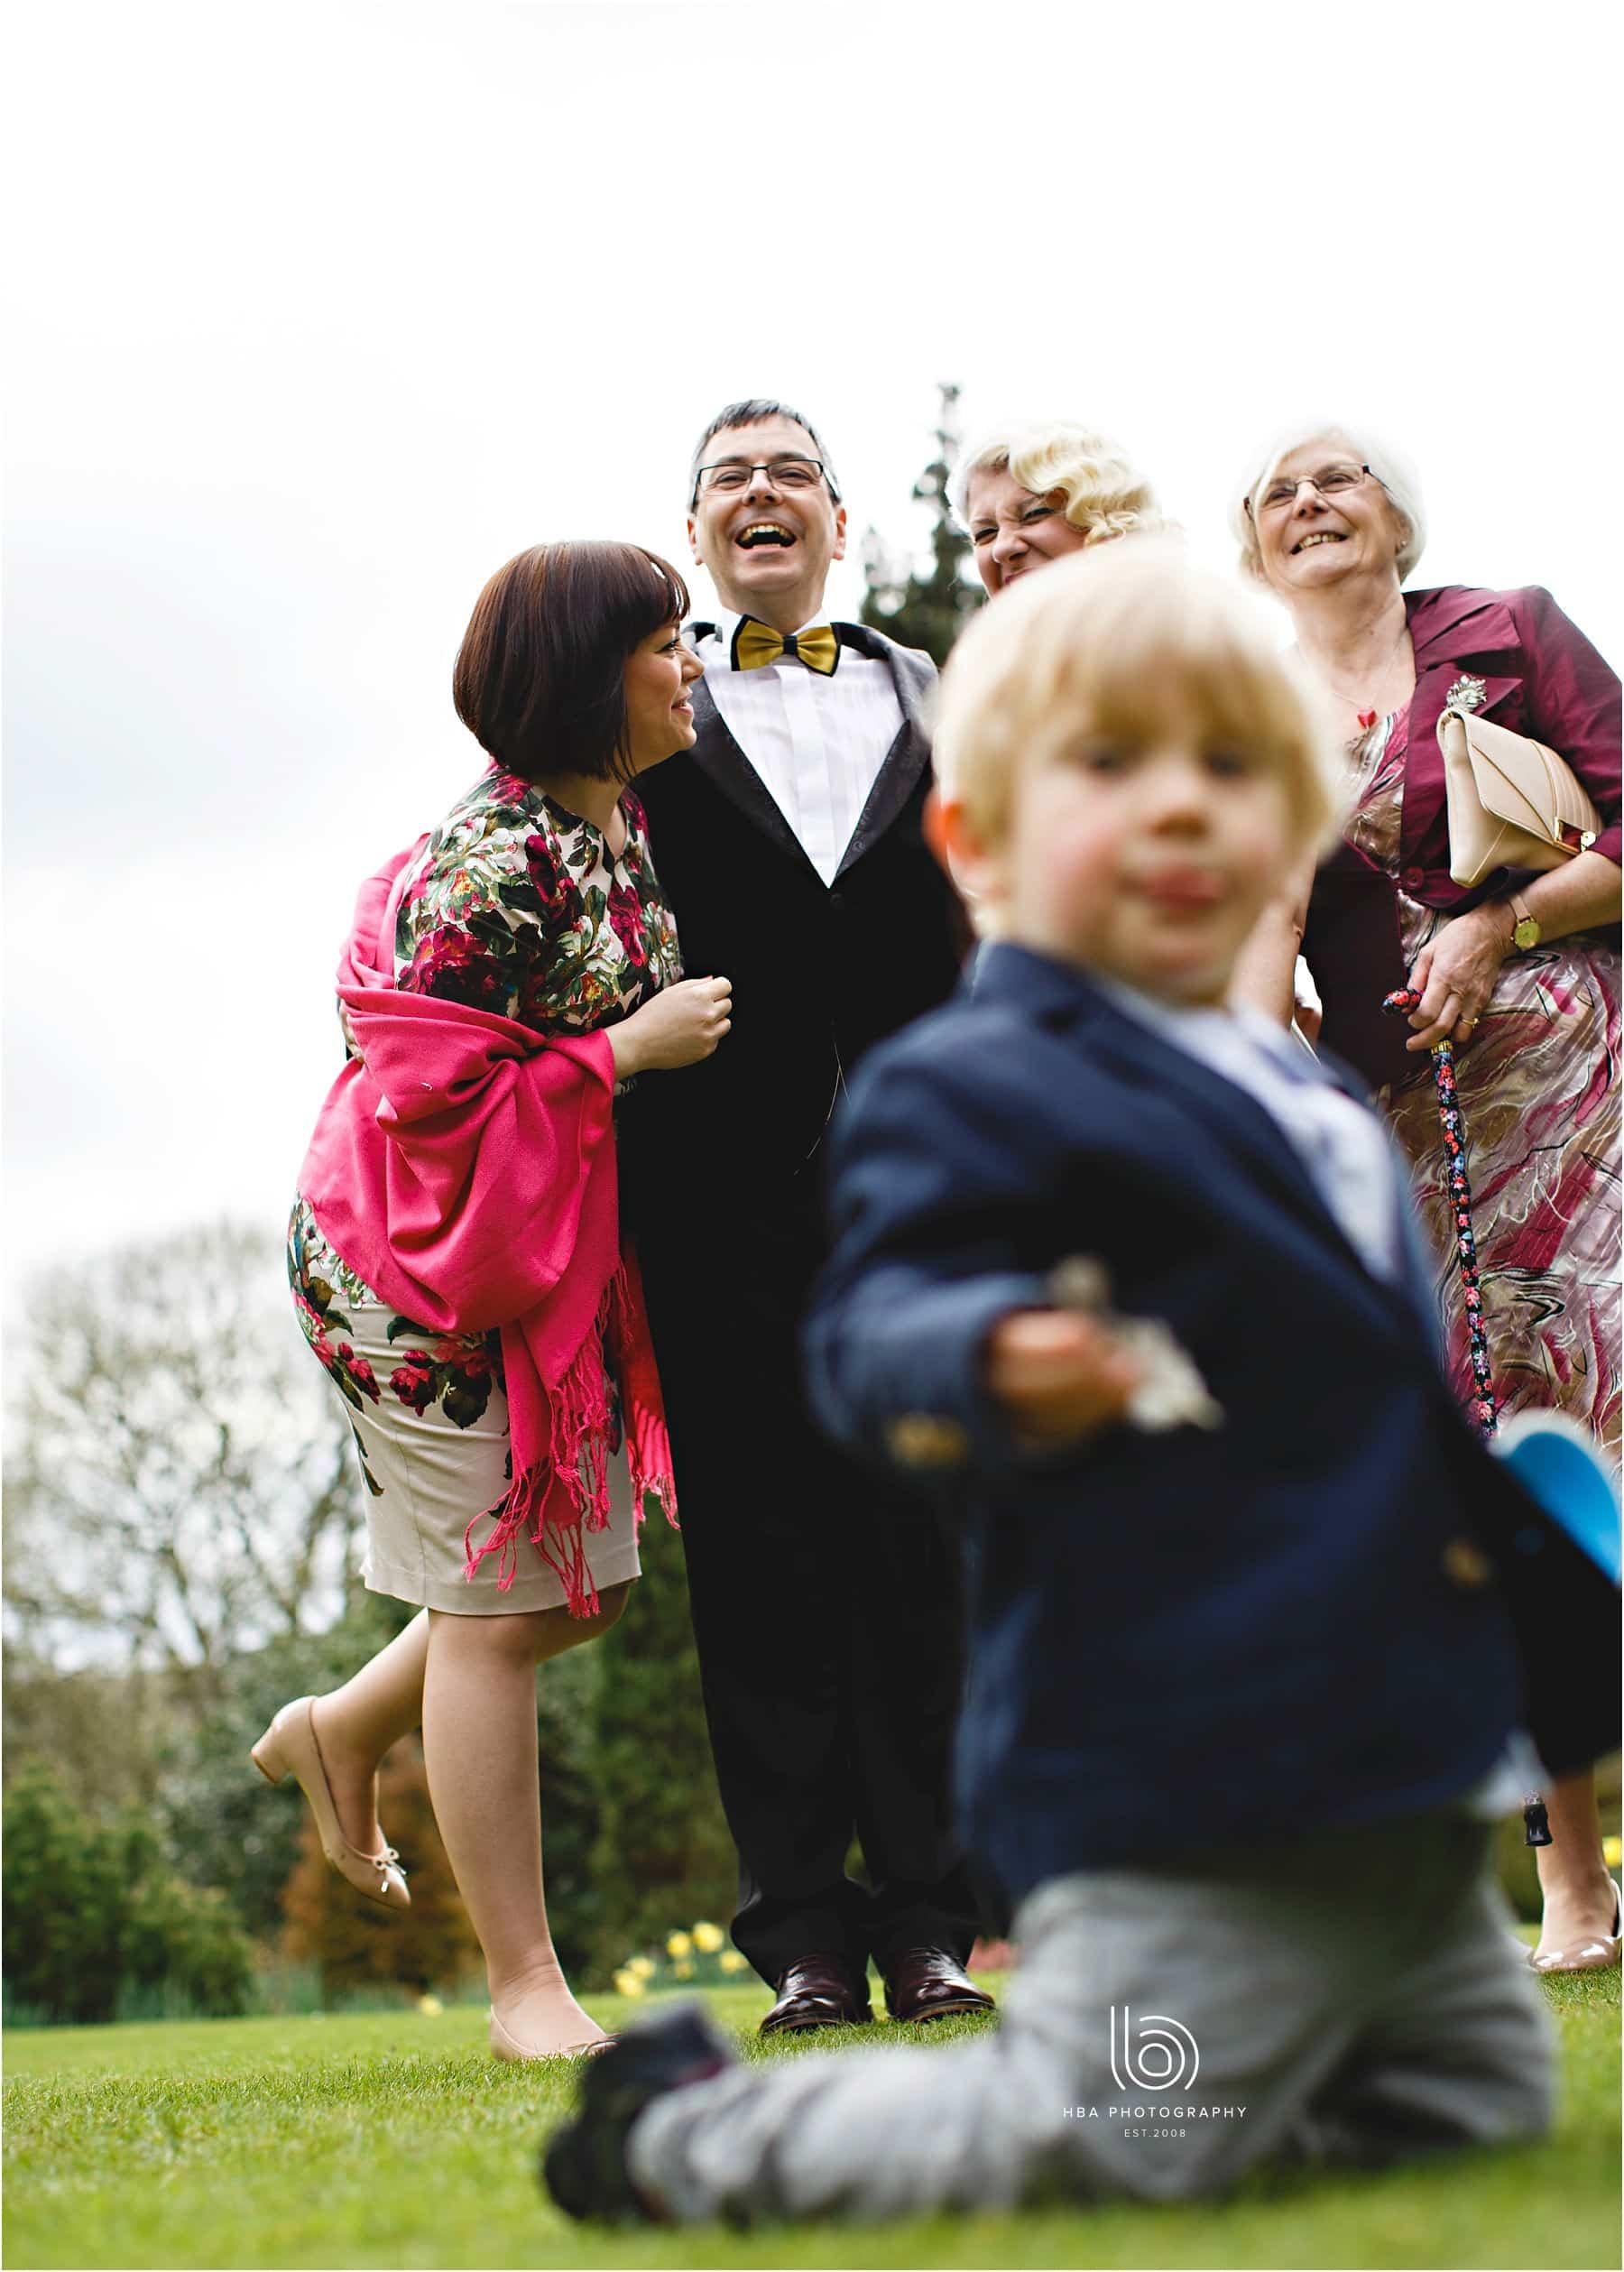 East Lodge wedding - child photo bombing!